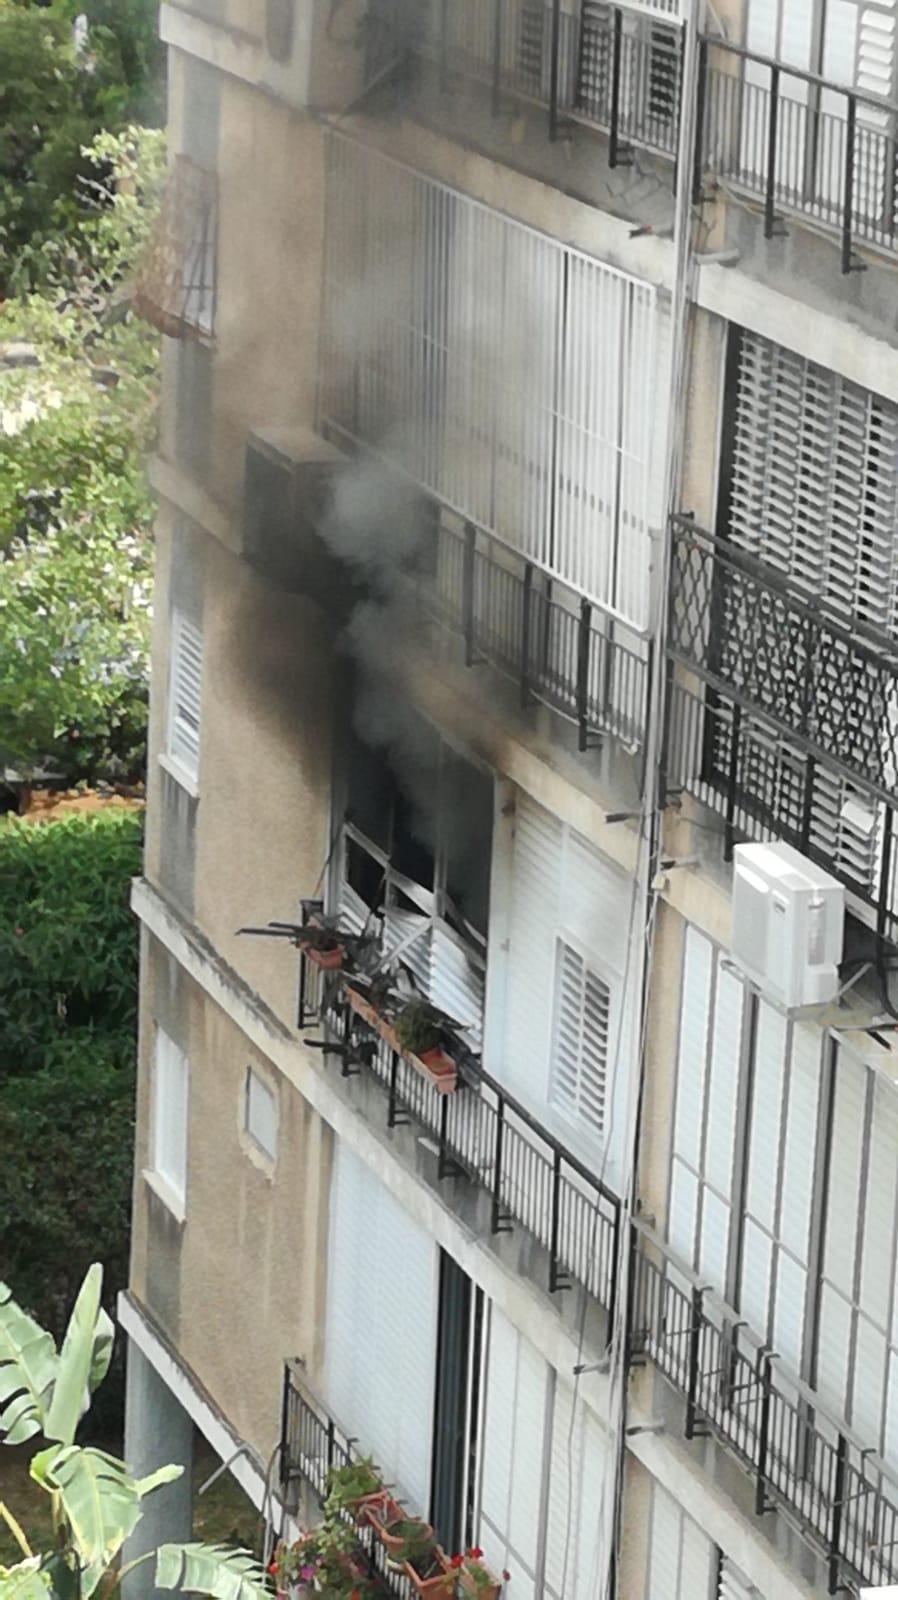 השריפה ברחוב סוקולוב צילום דוברות איחוד הצלה